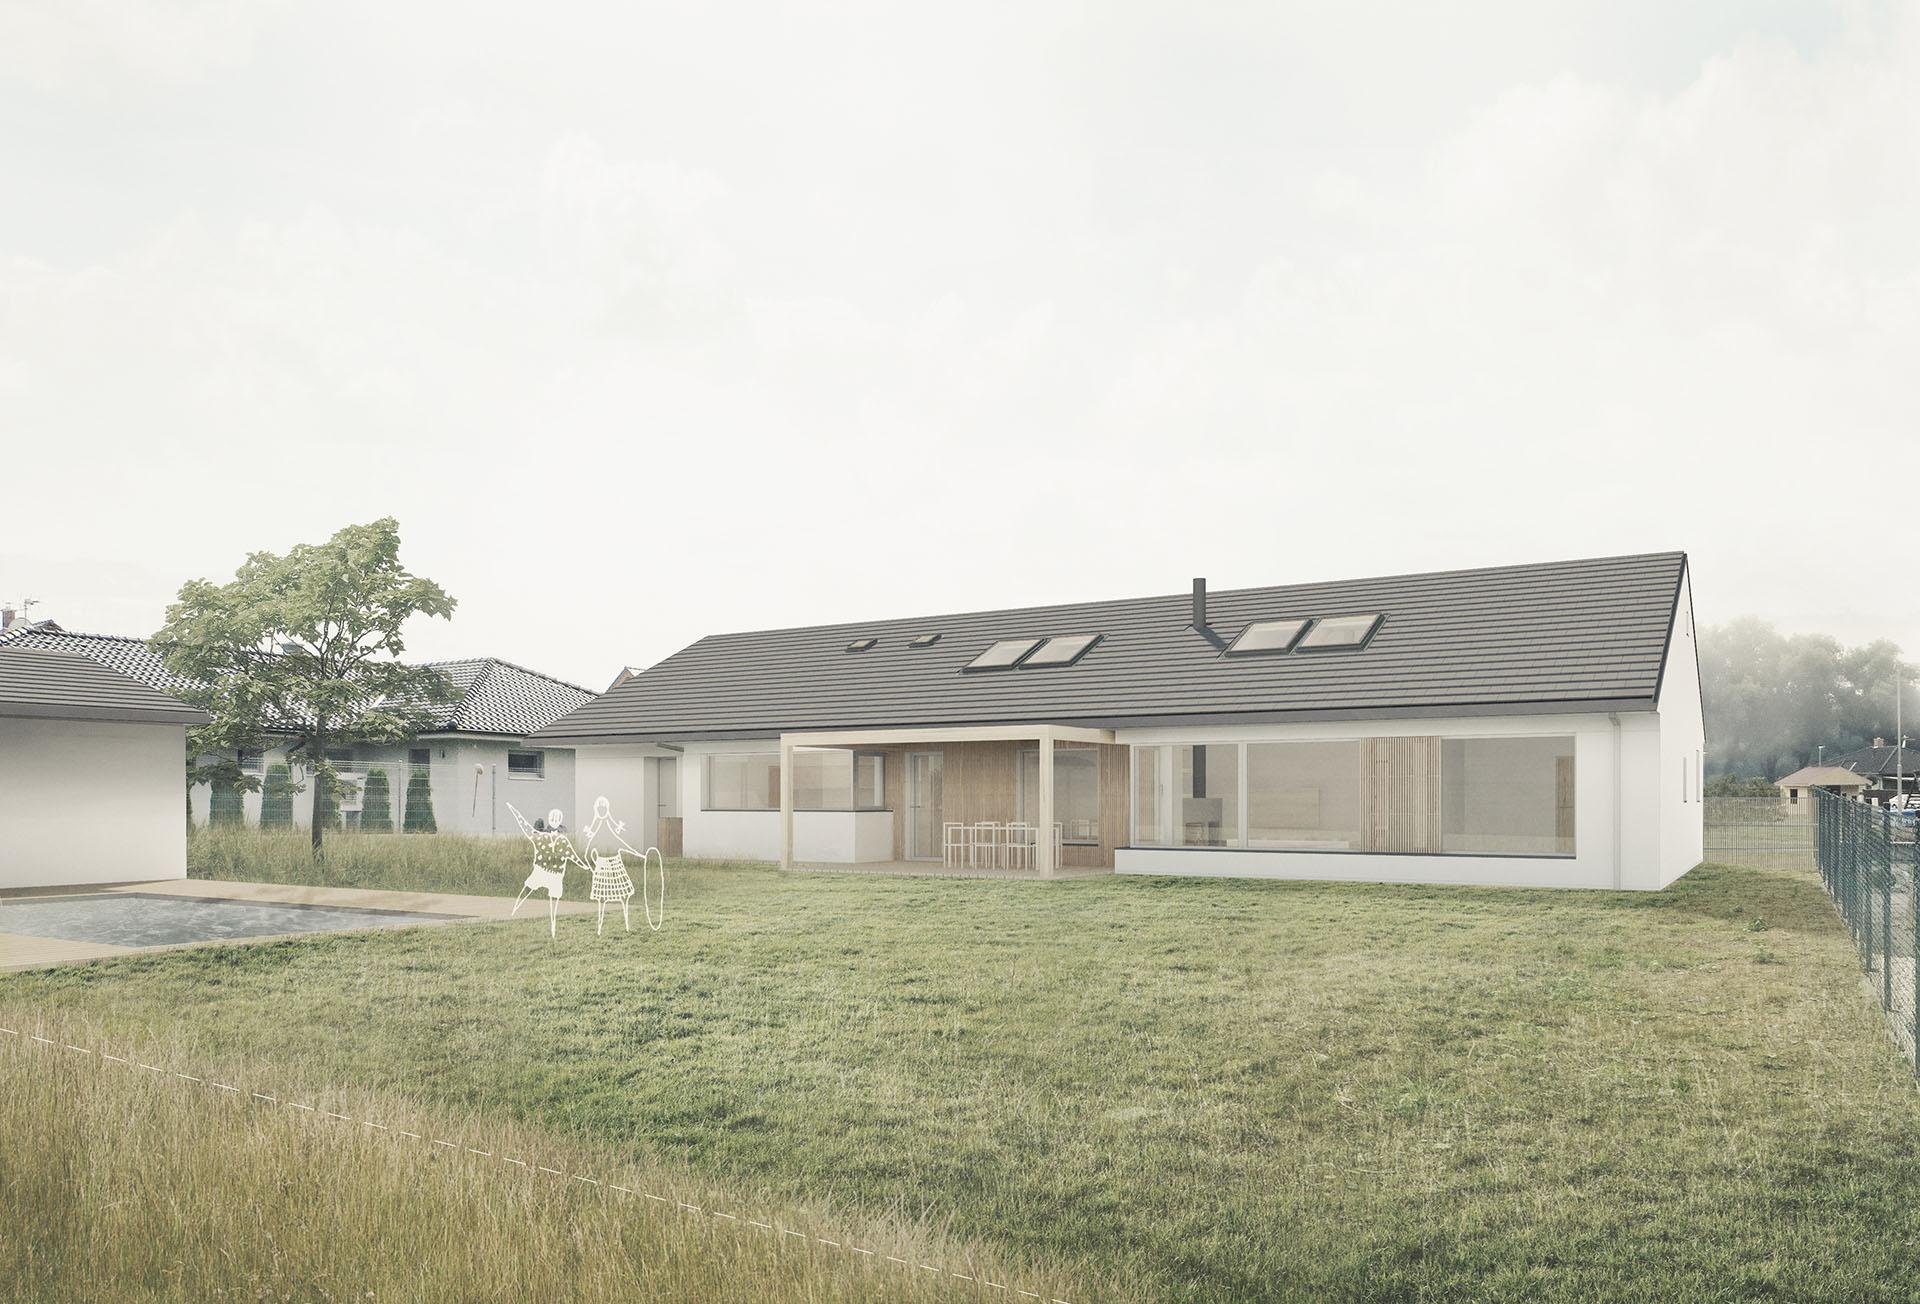 Vizualizace domu v Nivnici z pohledu ze zahrady